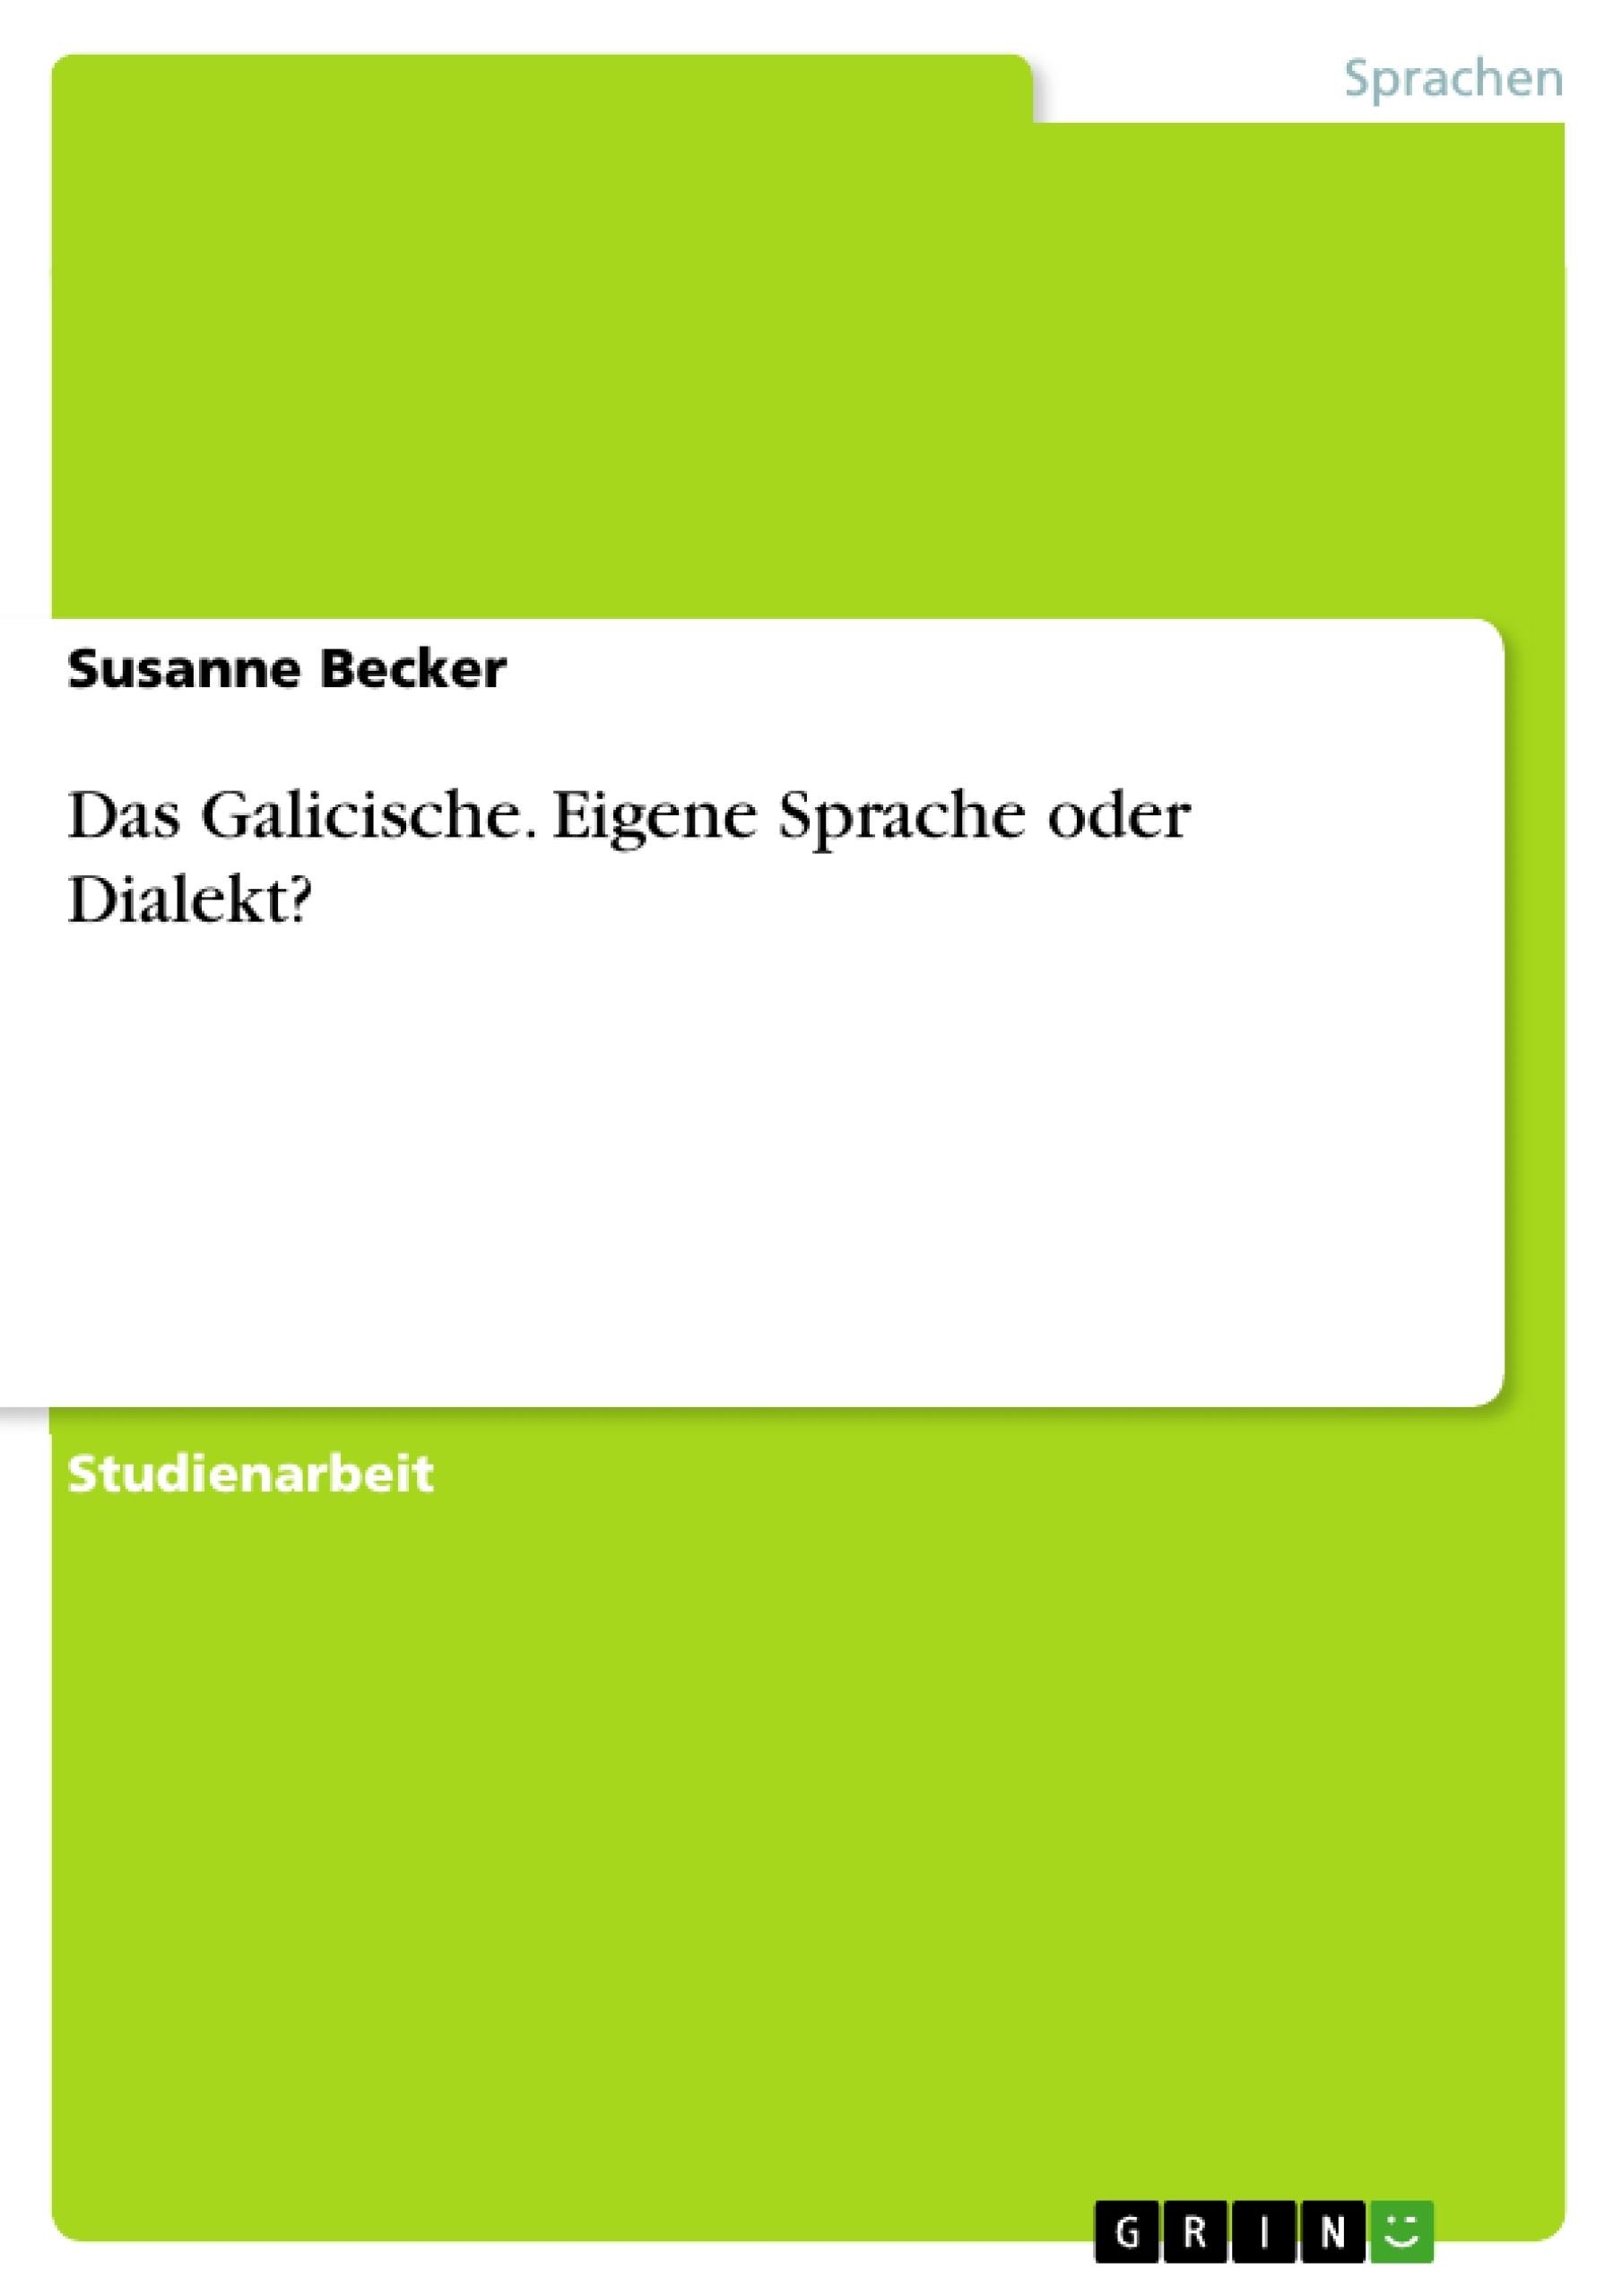 Titel: Das Galicische. Eigene Sprache oder Dialekt?